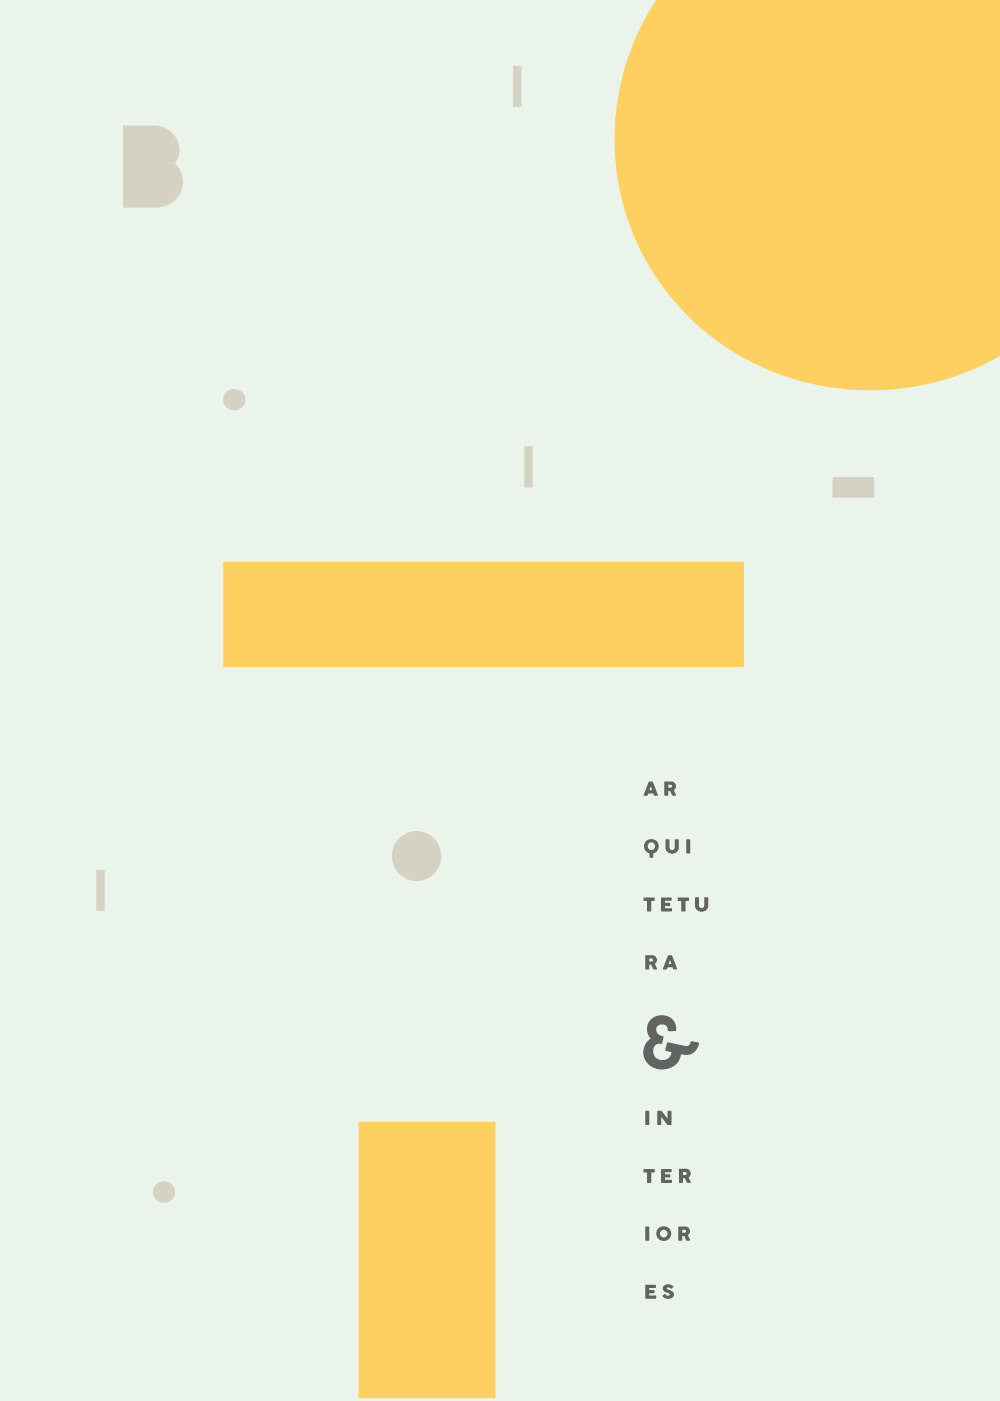 Cartazes-A3-botti-3